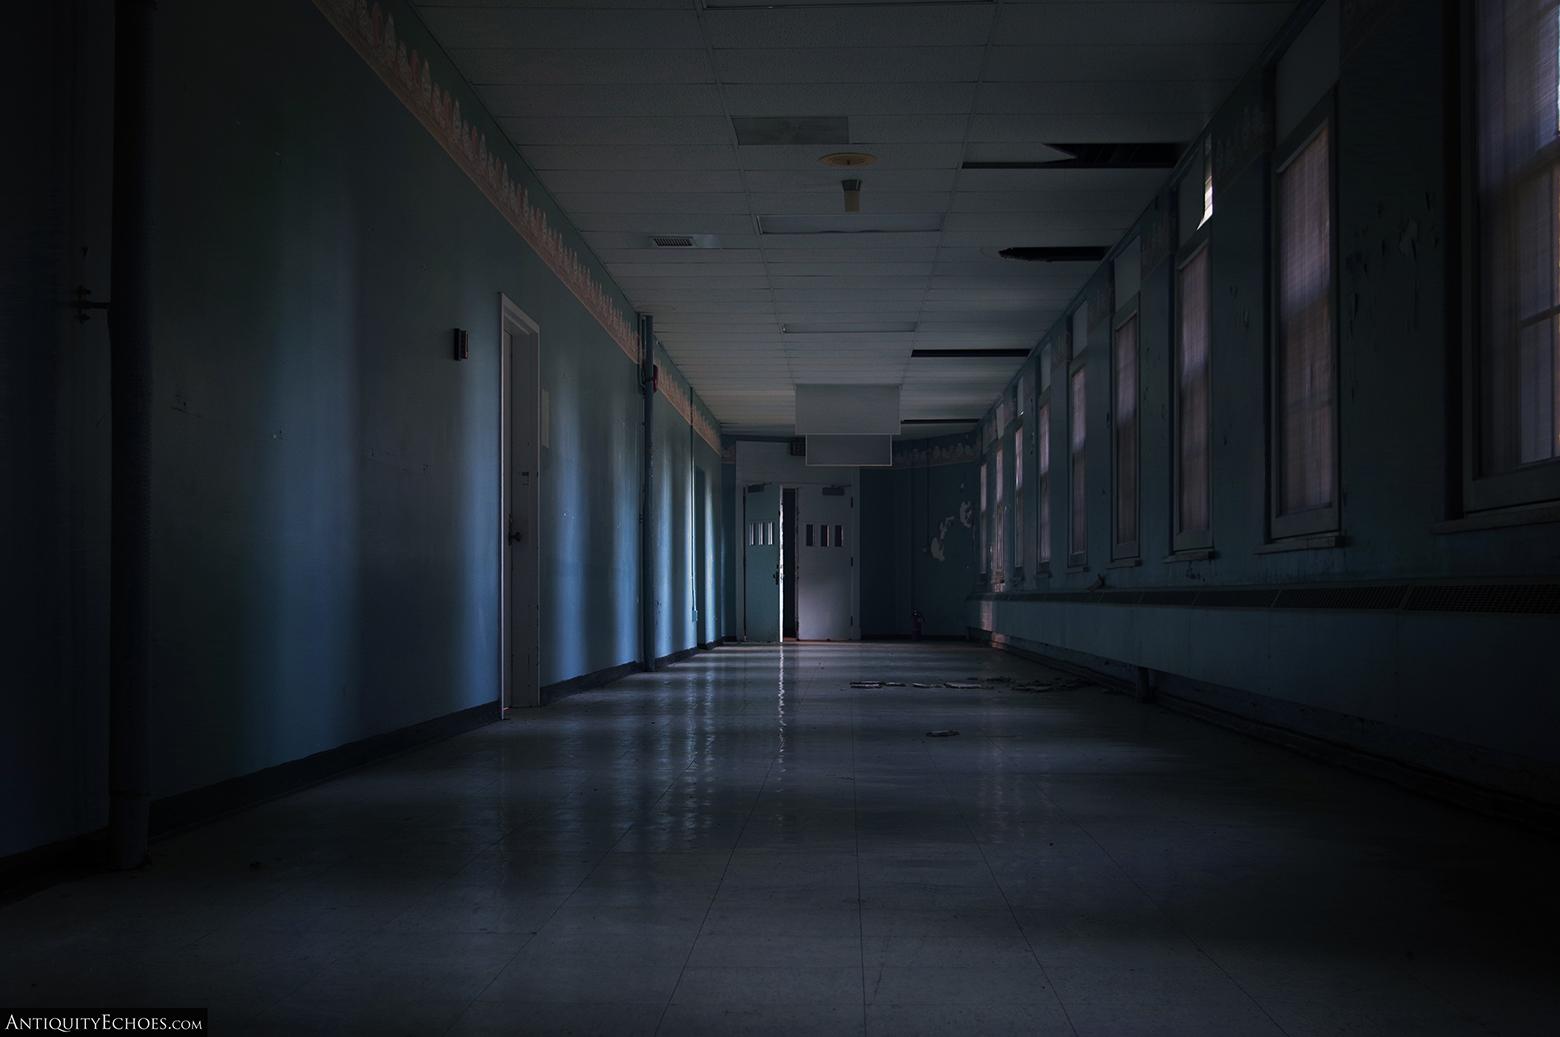 Allentown State Hospital - A Dark Hallway